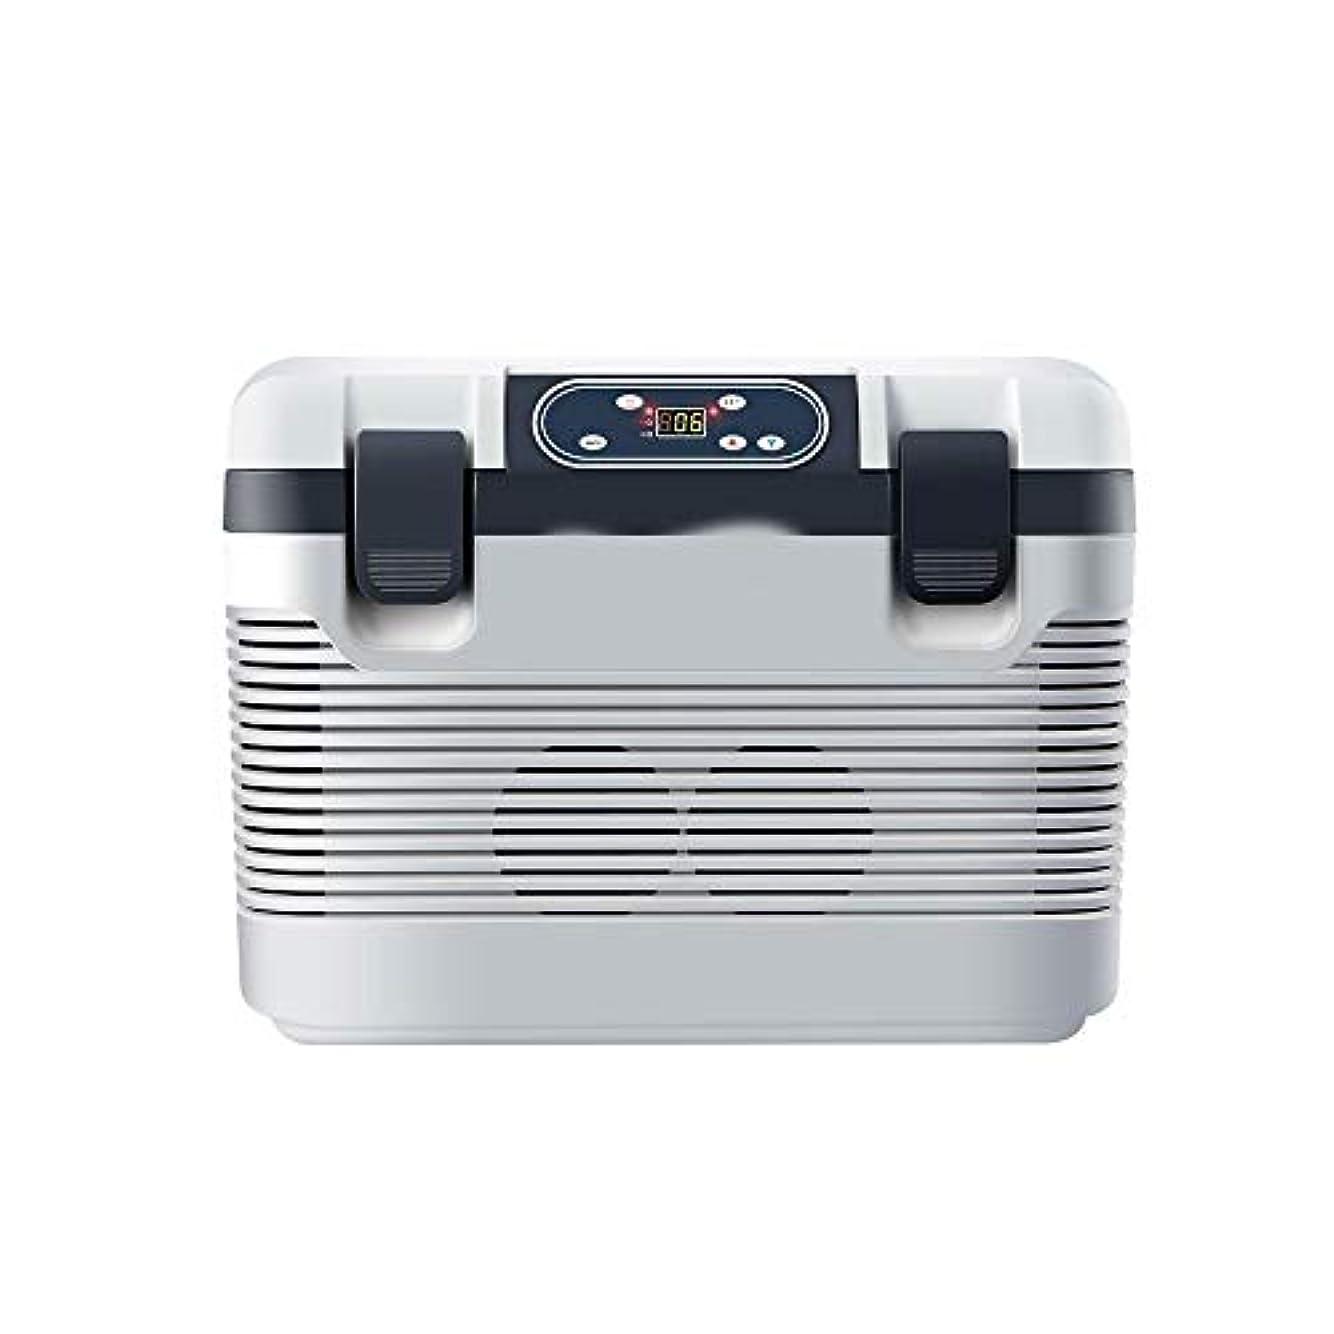 さまよう条約待つWANGLX 冷蔵庫 小型 車載冷蔵庫 小さい冷蔵庫 ポータブル冷蔵庫 コンパクトなポータブルクーラーウォーマーミニ冷蔵庫12V車冷蔵庫ミニ - 車、家庭、オフィス用、および寮ボート、キャンプ